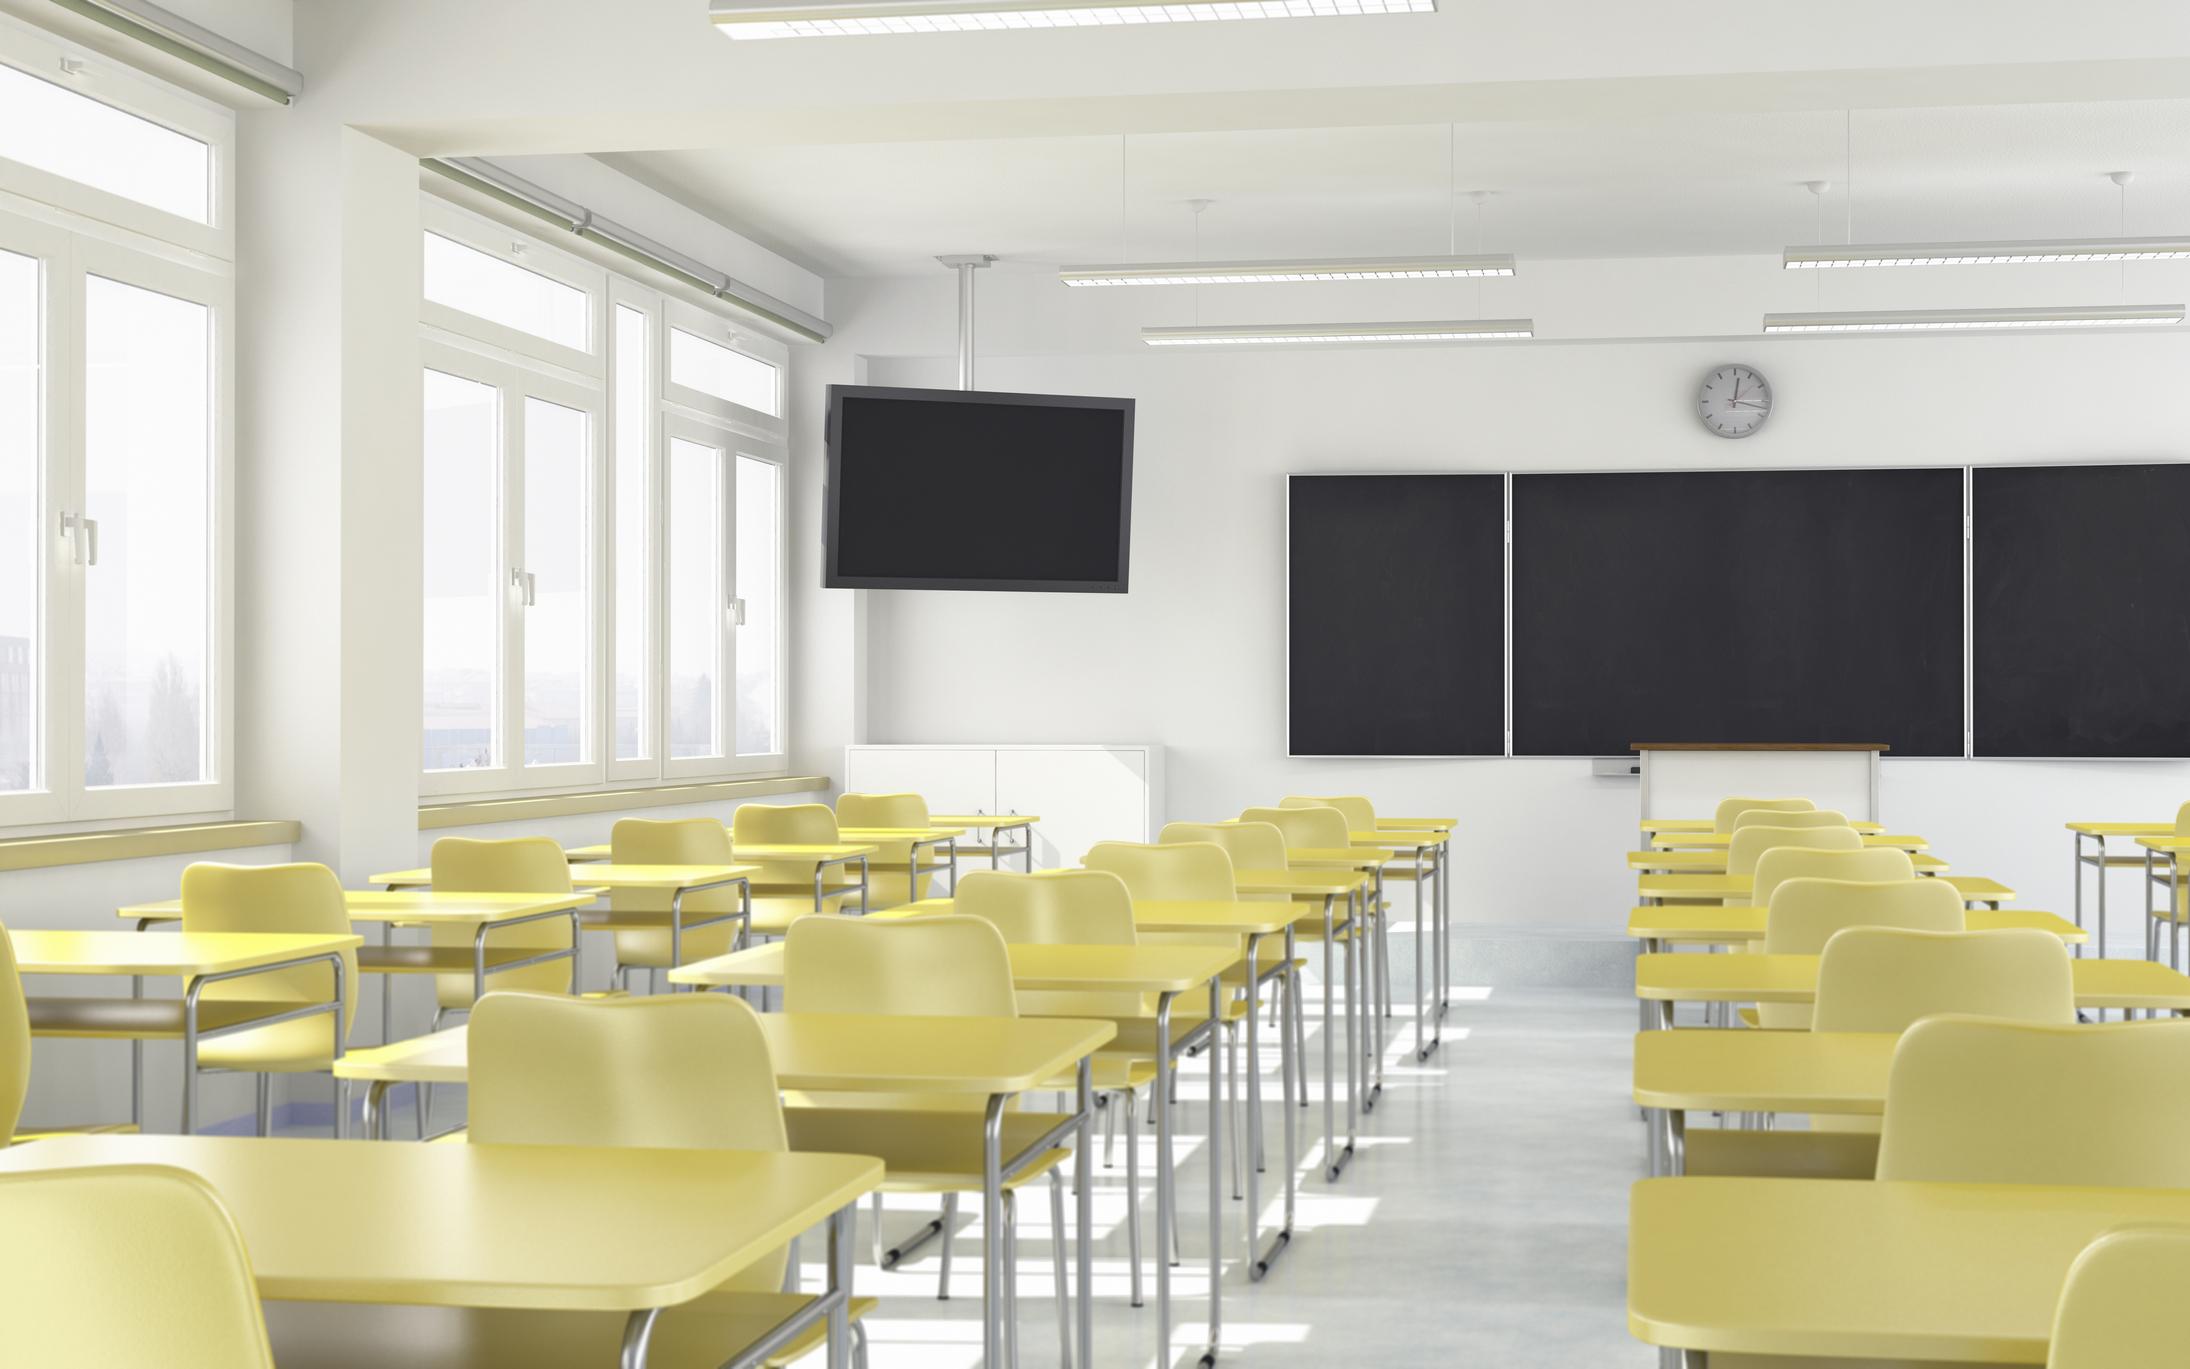 Descubra como três escolas mineiras estão lidando com a pandemia de COVID-19 e as aulas on-line